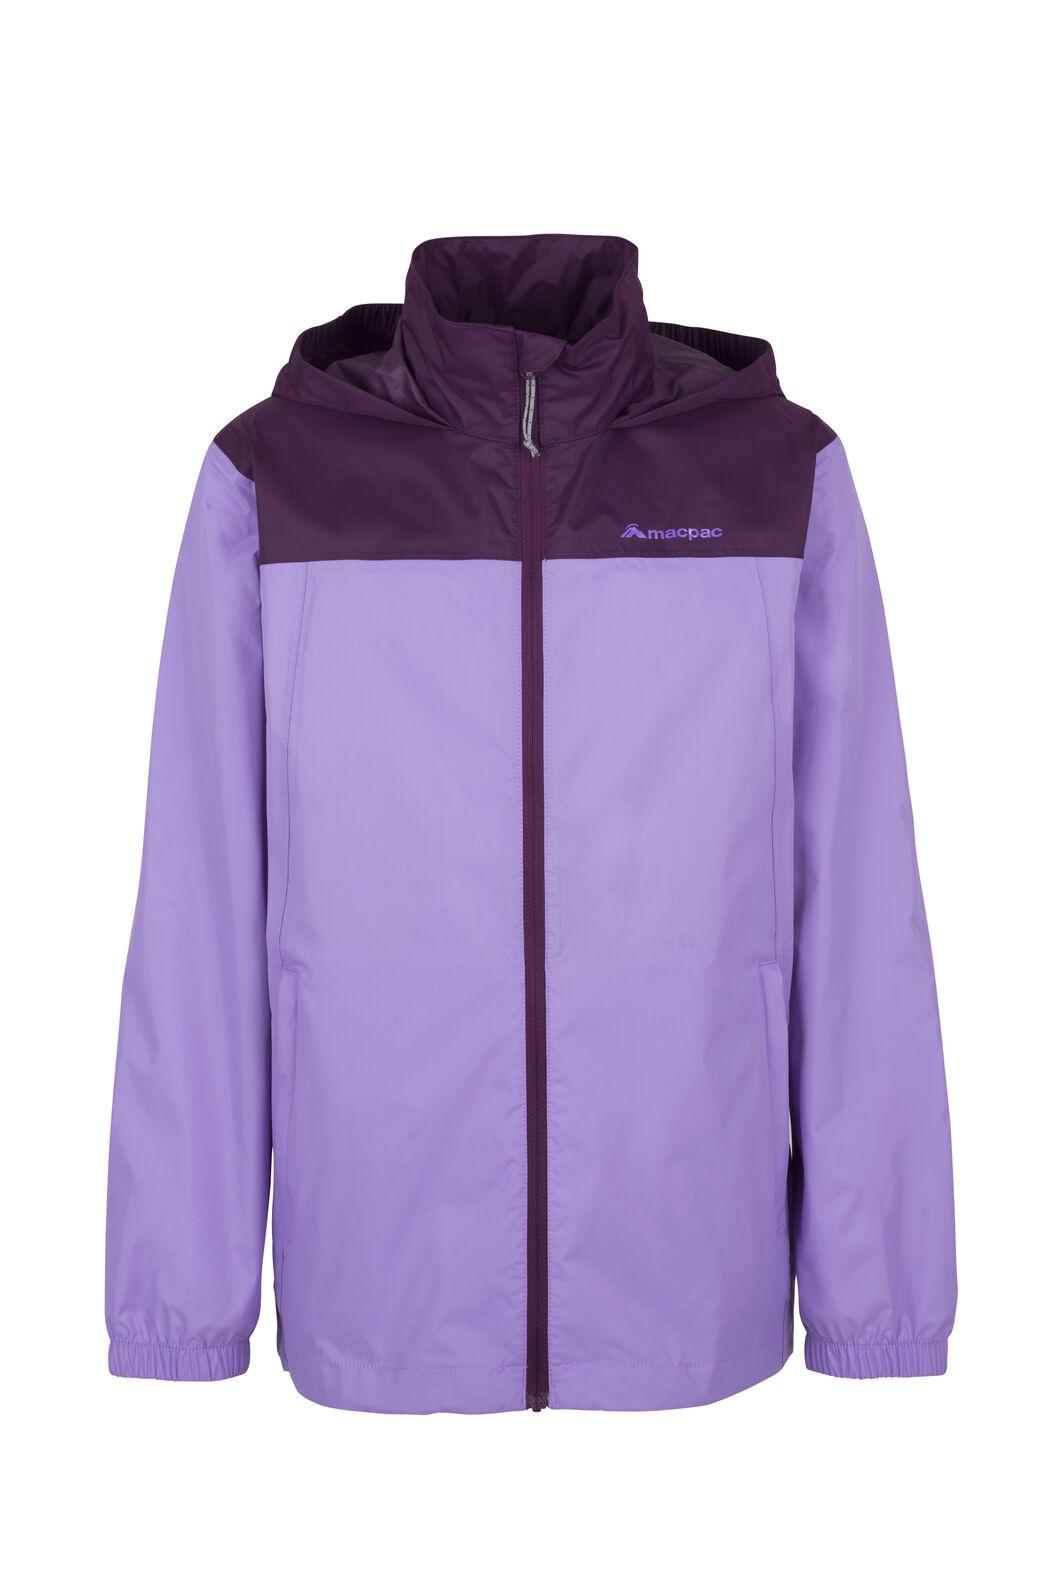 Macpac Pack-It-Jacket - Kids', Lavender/Purple, hi-res